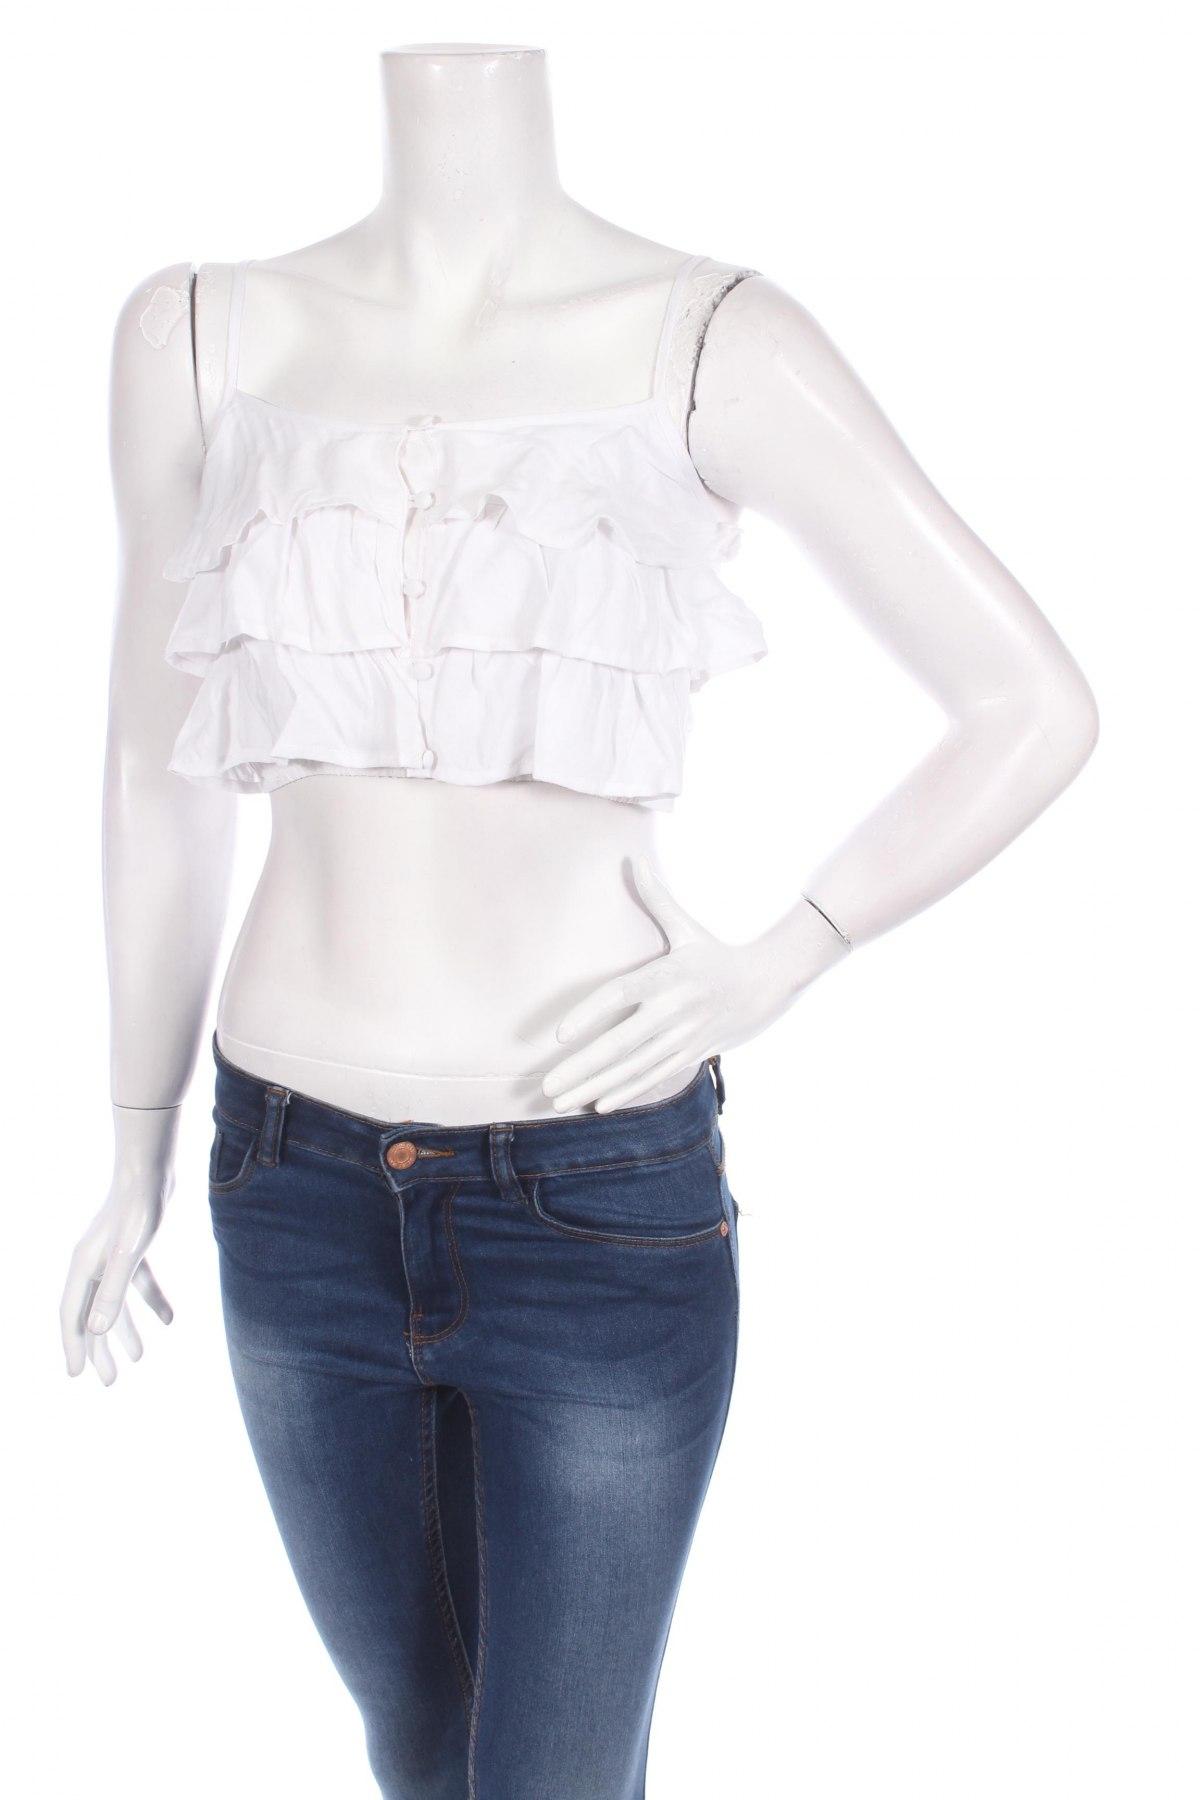 Γυναικείο πουκάμισο Twentyfourseven, Μέγεθος XS, Χρώμα Λευκό, 100% βισκόζη, Τιμή 3,07€